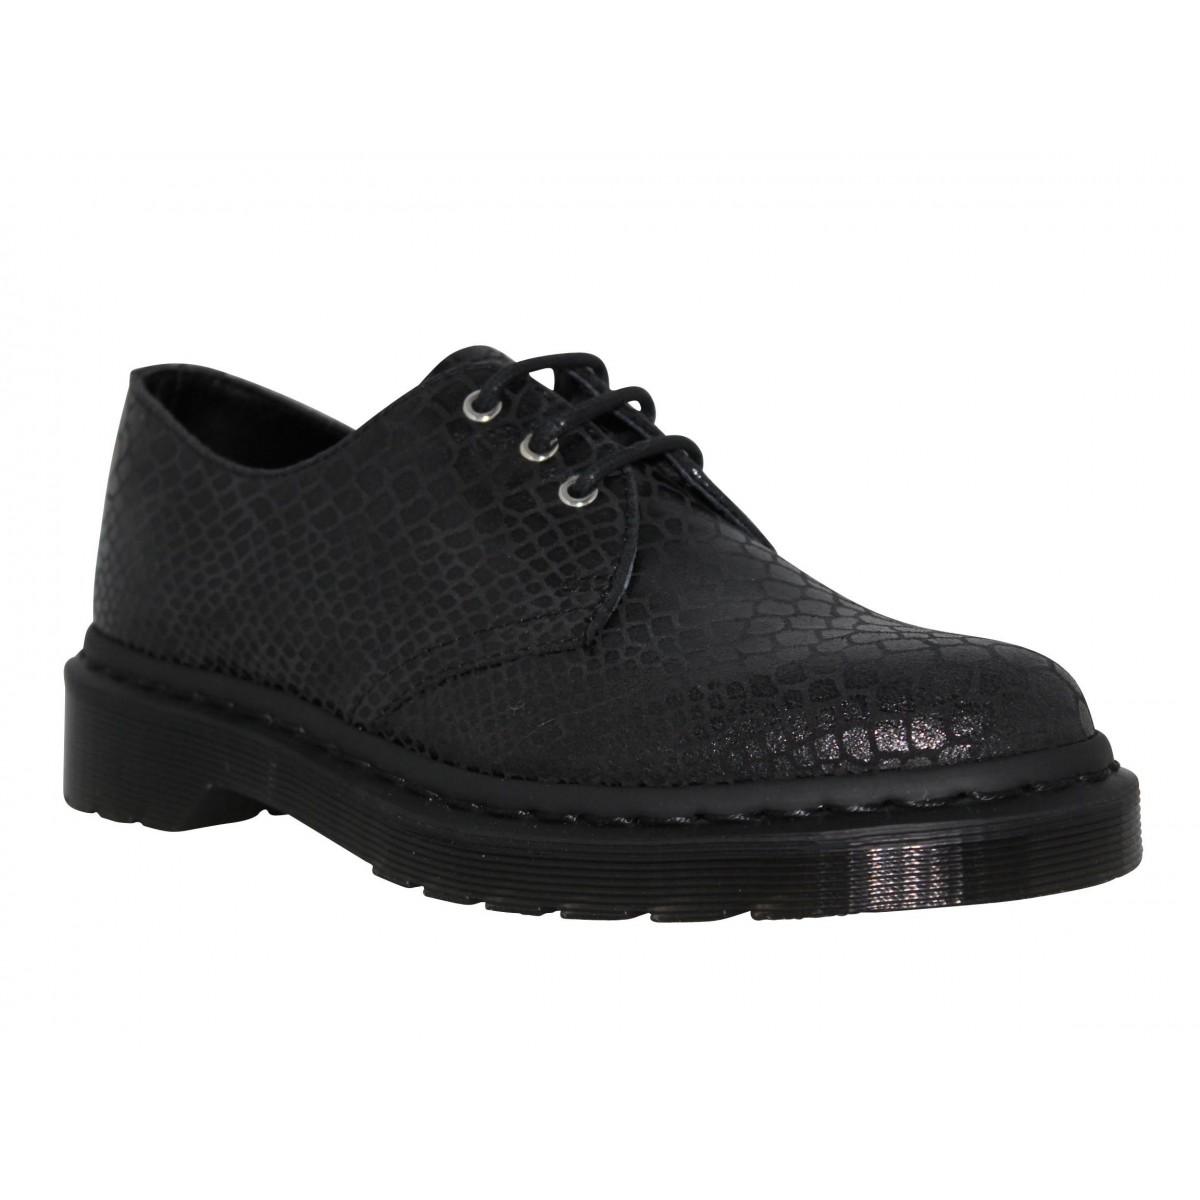 Chaussures à lacets Dr MARTENS Tahan shine reptile Femme Noir